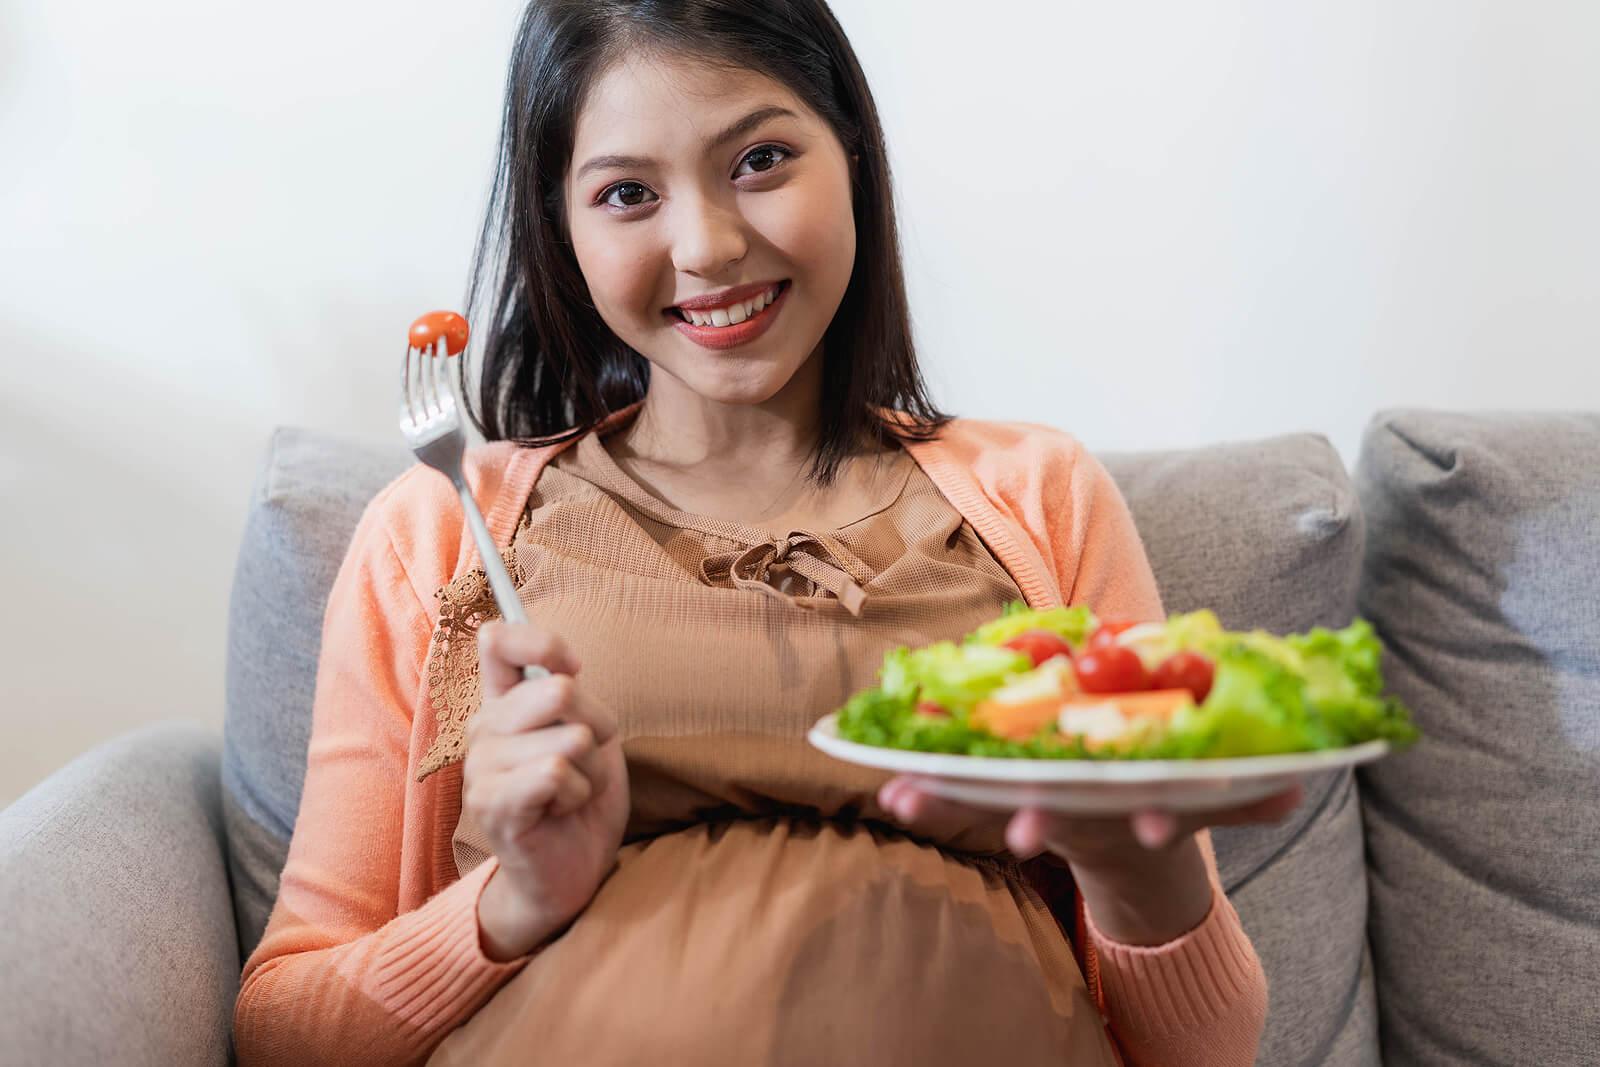 Mujer embarazada comiendo una ensalada.